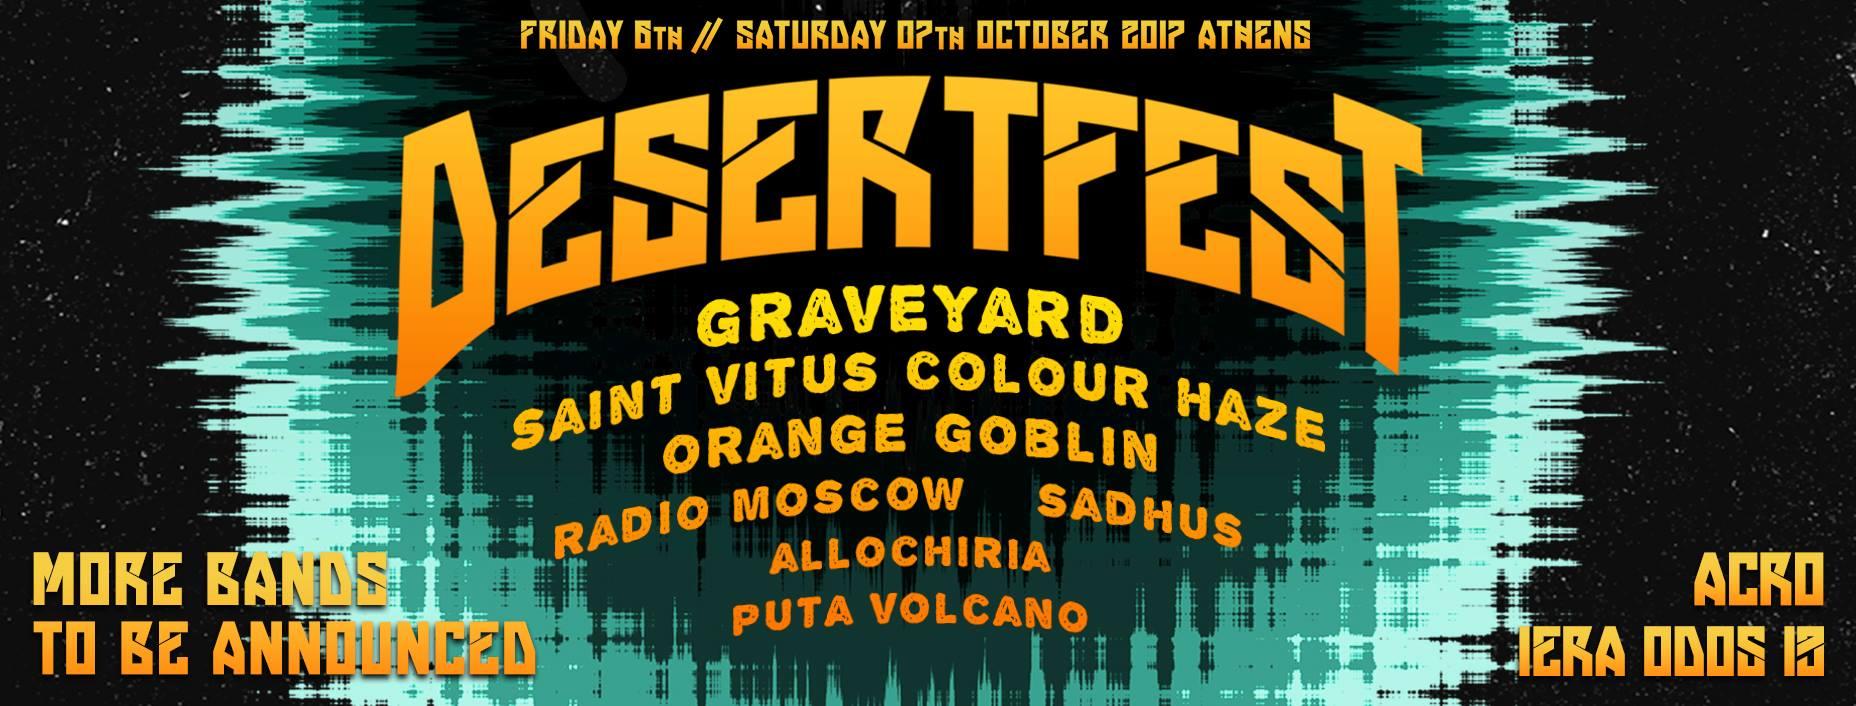 desertfest athens 2017 banner